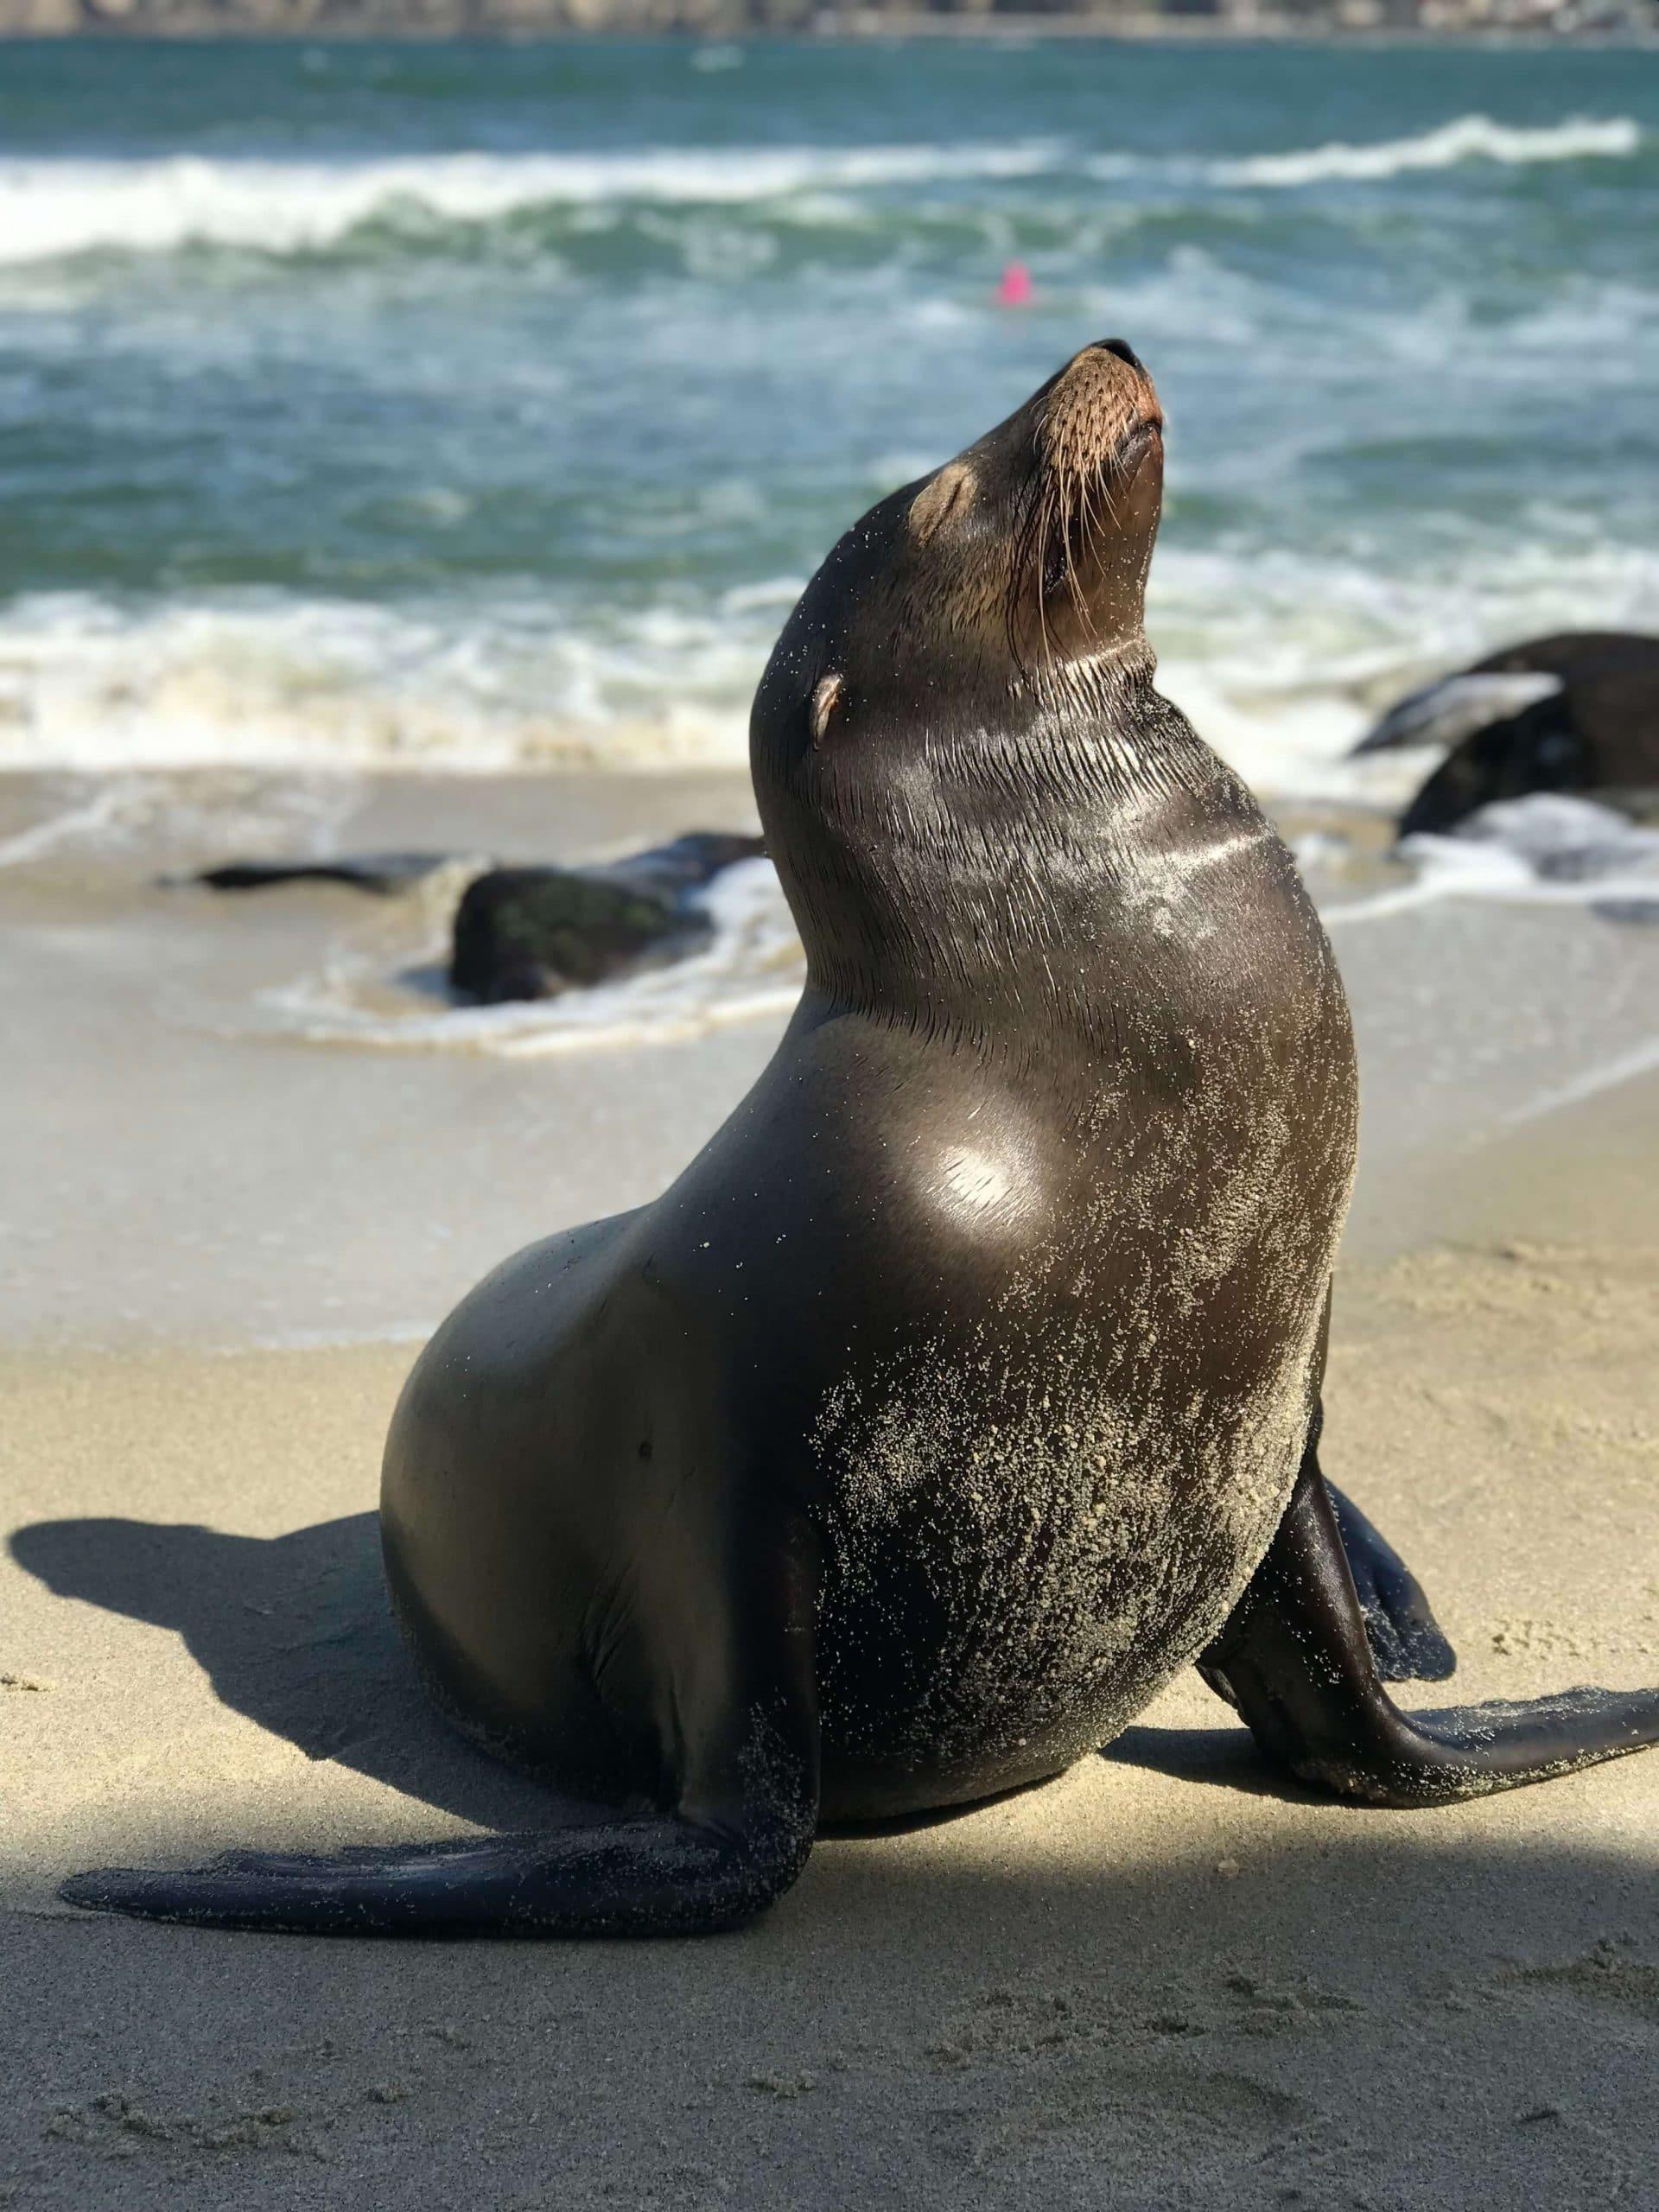 california sea lion basks in the sun on a rocky beach